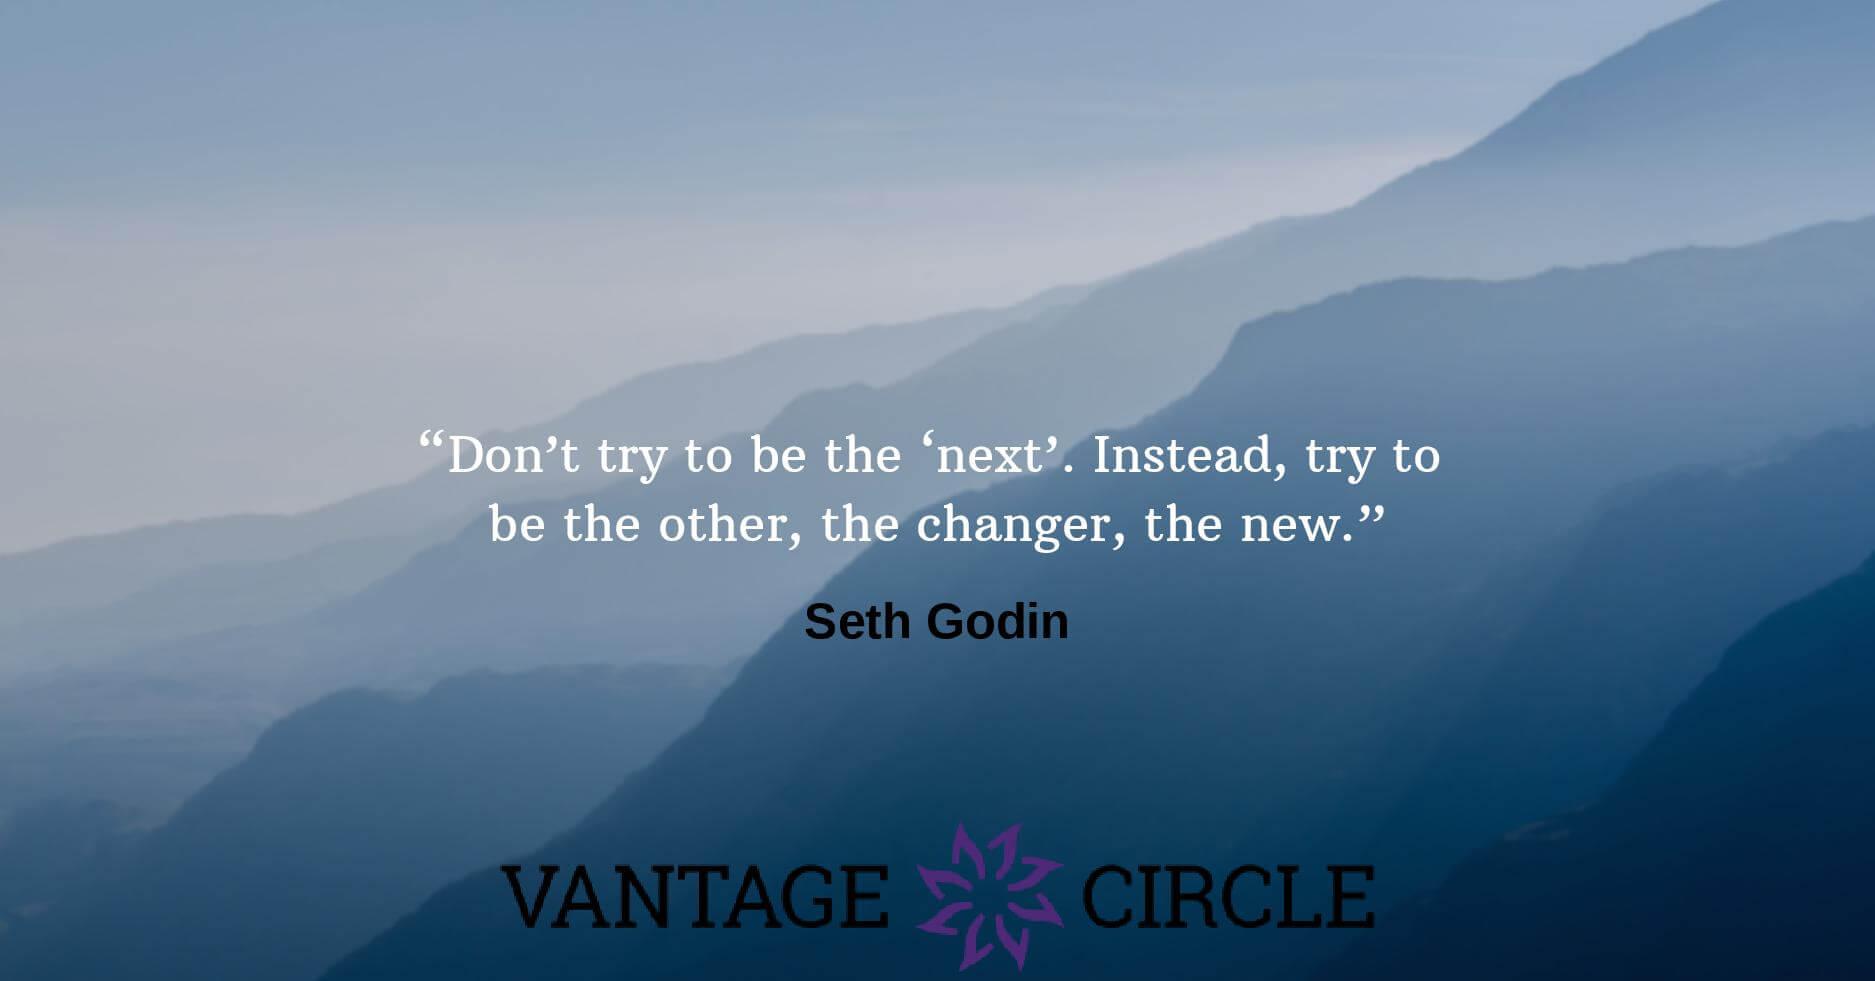 Employee-motivational-quotes-Seth-Godin